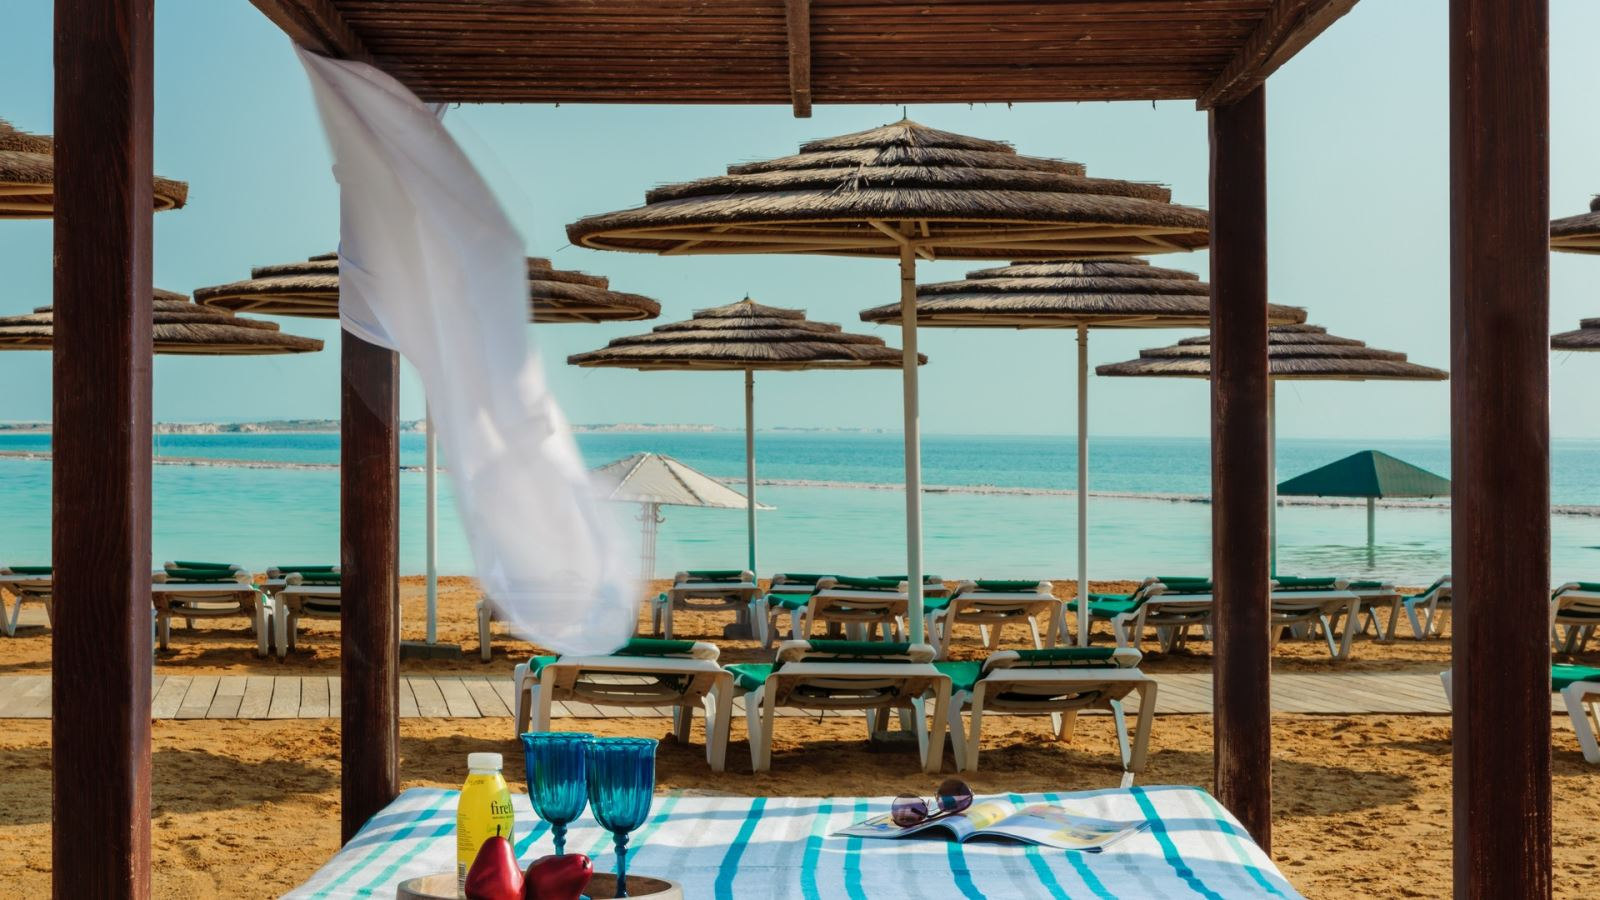 4 לילות, חופשה מושלמת על חוף הים ב-45% הנחה בלאונרדו קלאב ים המלח!,